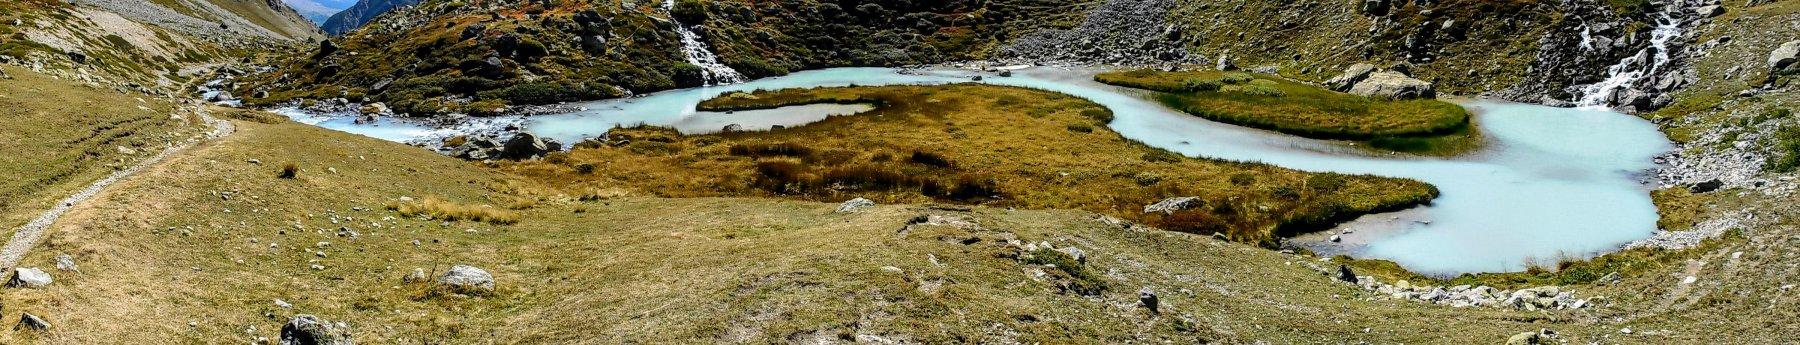 il corso del torrente lungo la vallata